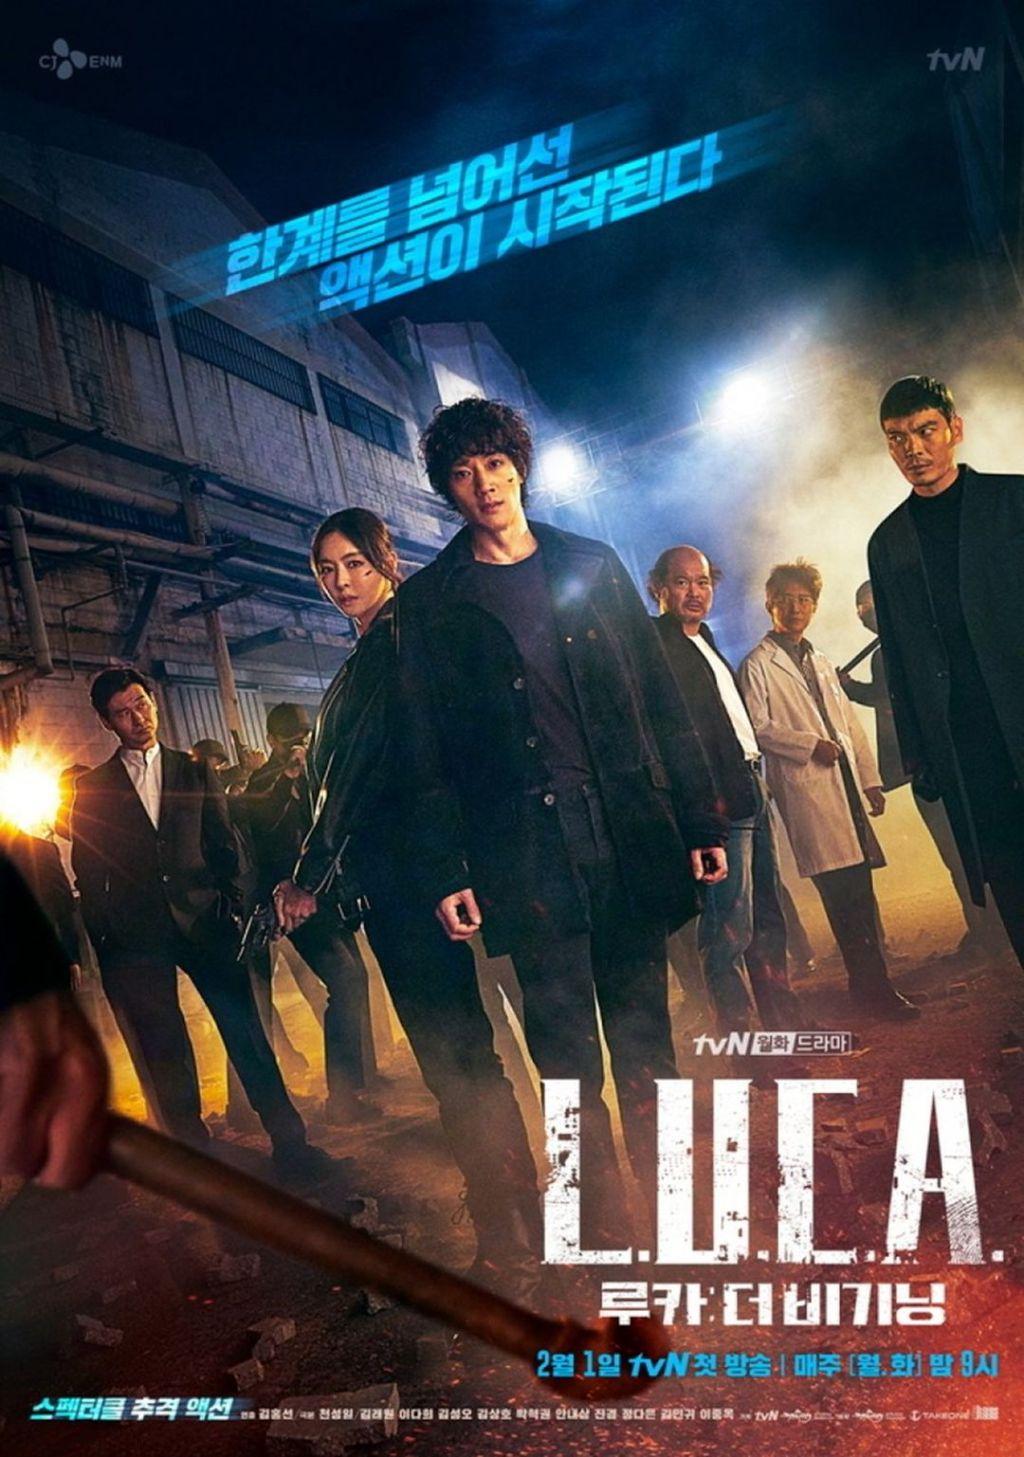 Sinopsis Dan Profil Lengkap Pemeran K-Drama L.U.C.A.: The Beginning (LUCA 2021)